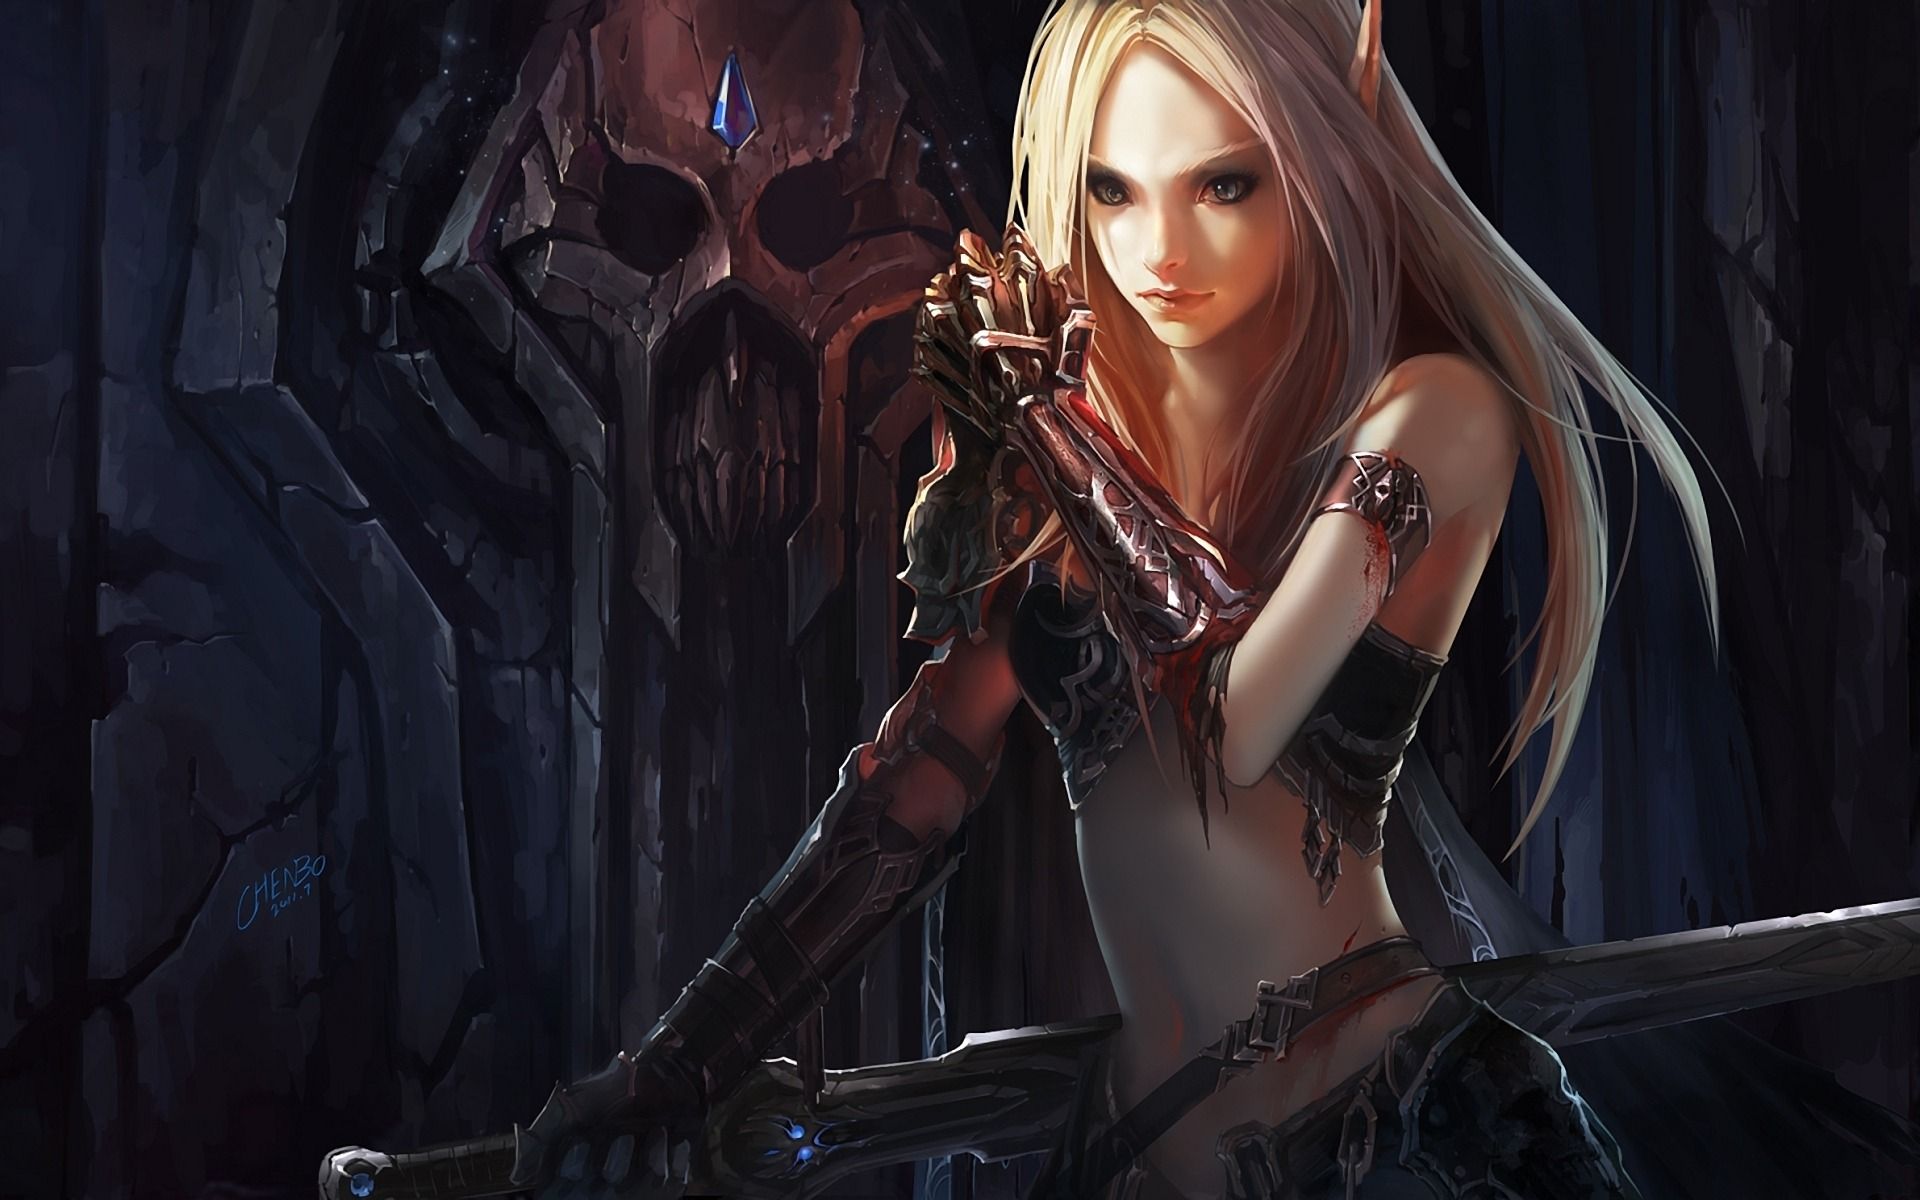 Fantasy-Fighter-girls-HQ-wallpaper